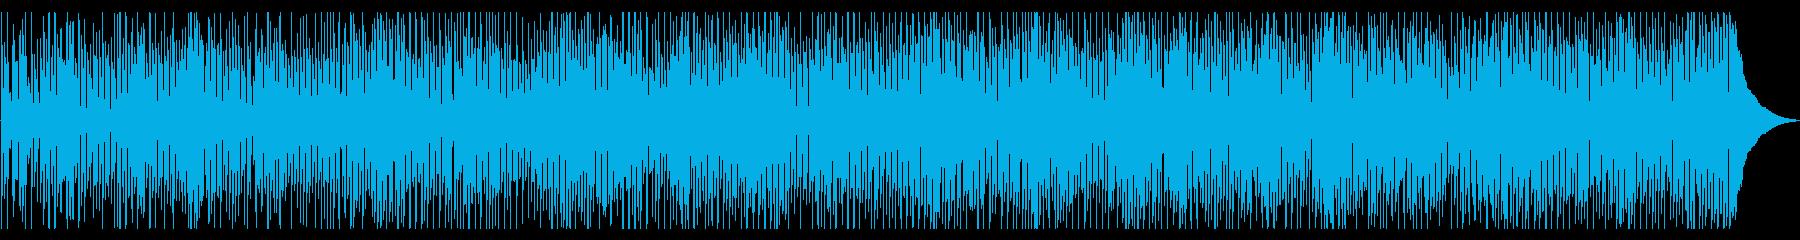 60年代を彷彿させるファンクミュージックの再生済みの波形